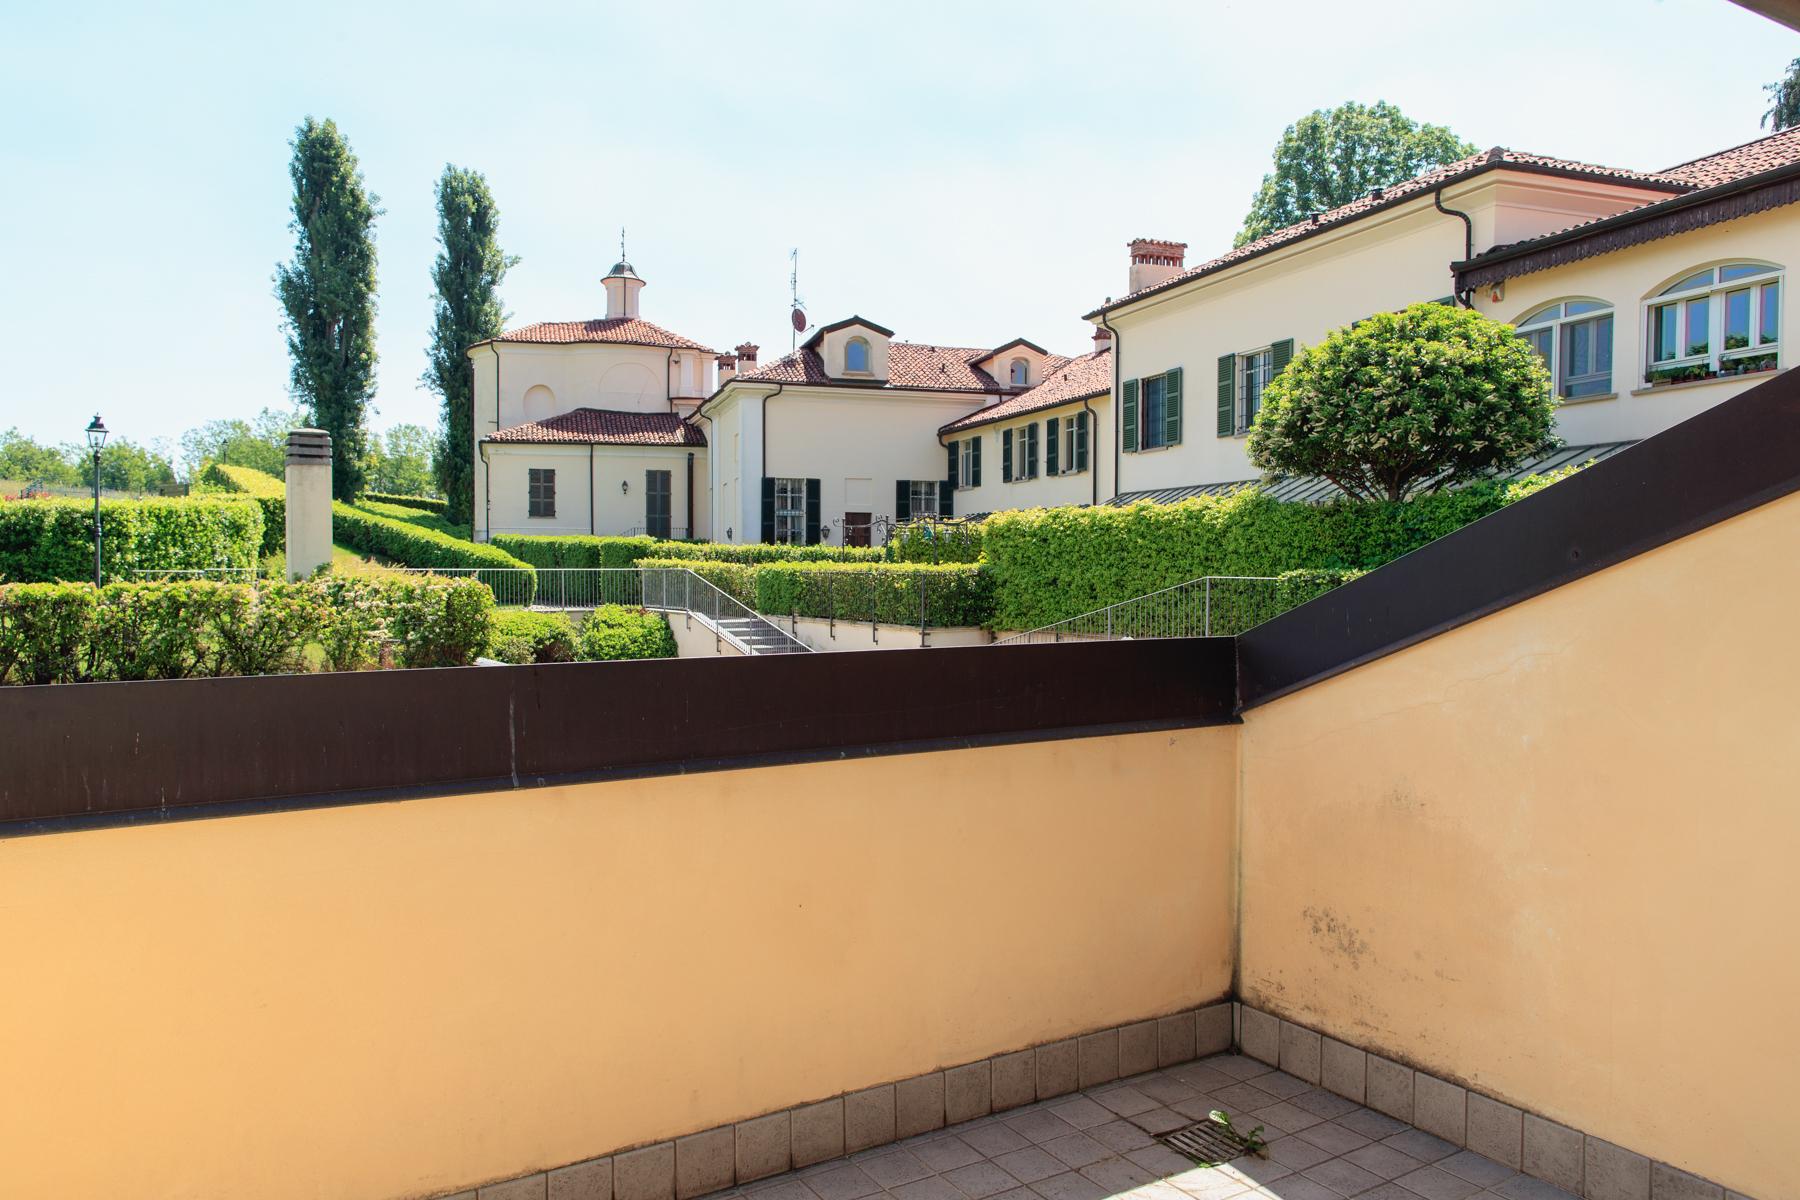 Casa indipendente in Vendita a Moncalieri: 5 locali, 370 mq - Foto 21